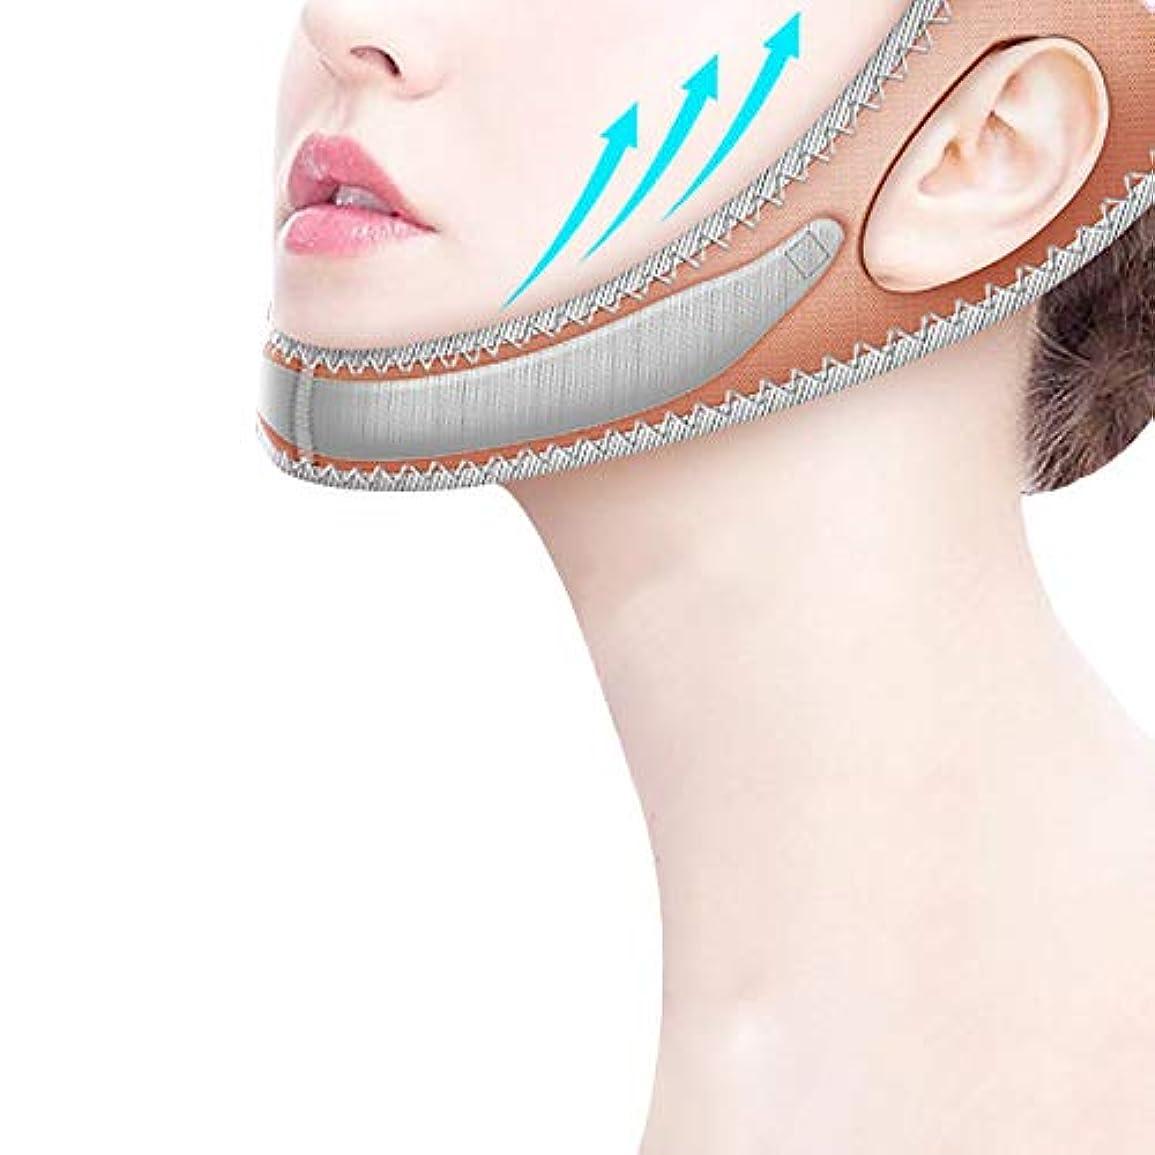 甘味市の中心部再現する二重あごのプラスチック面の人工物の器械の美顔術のマッサージャーの近くで持ち上がる小さいVの表面の器械の包帯のマスクとの睡眠